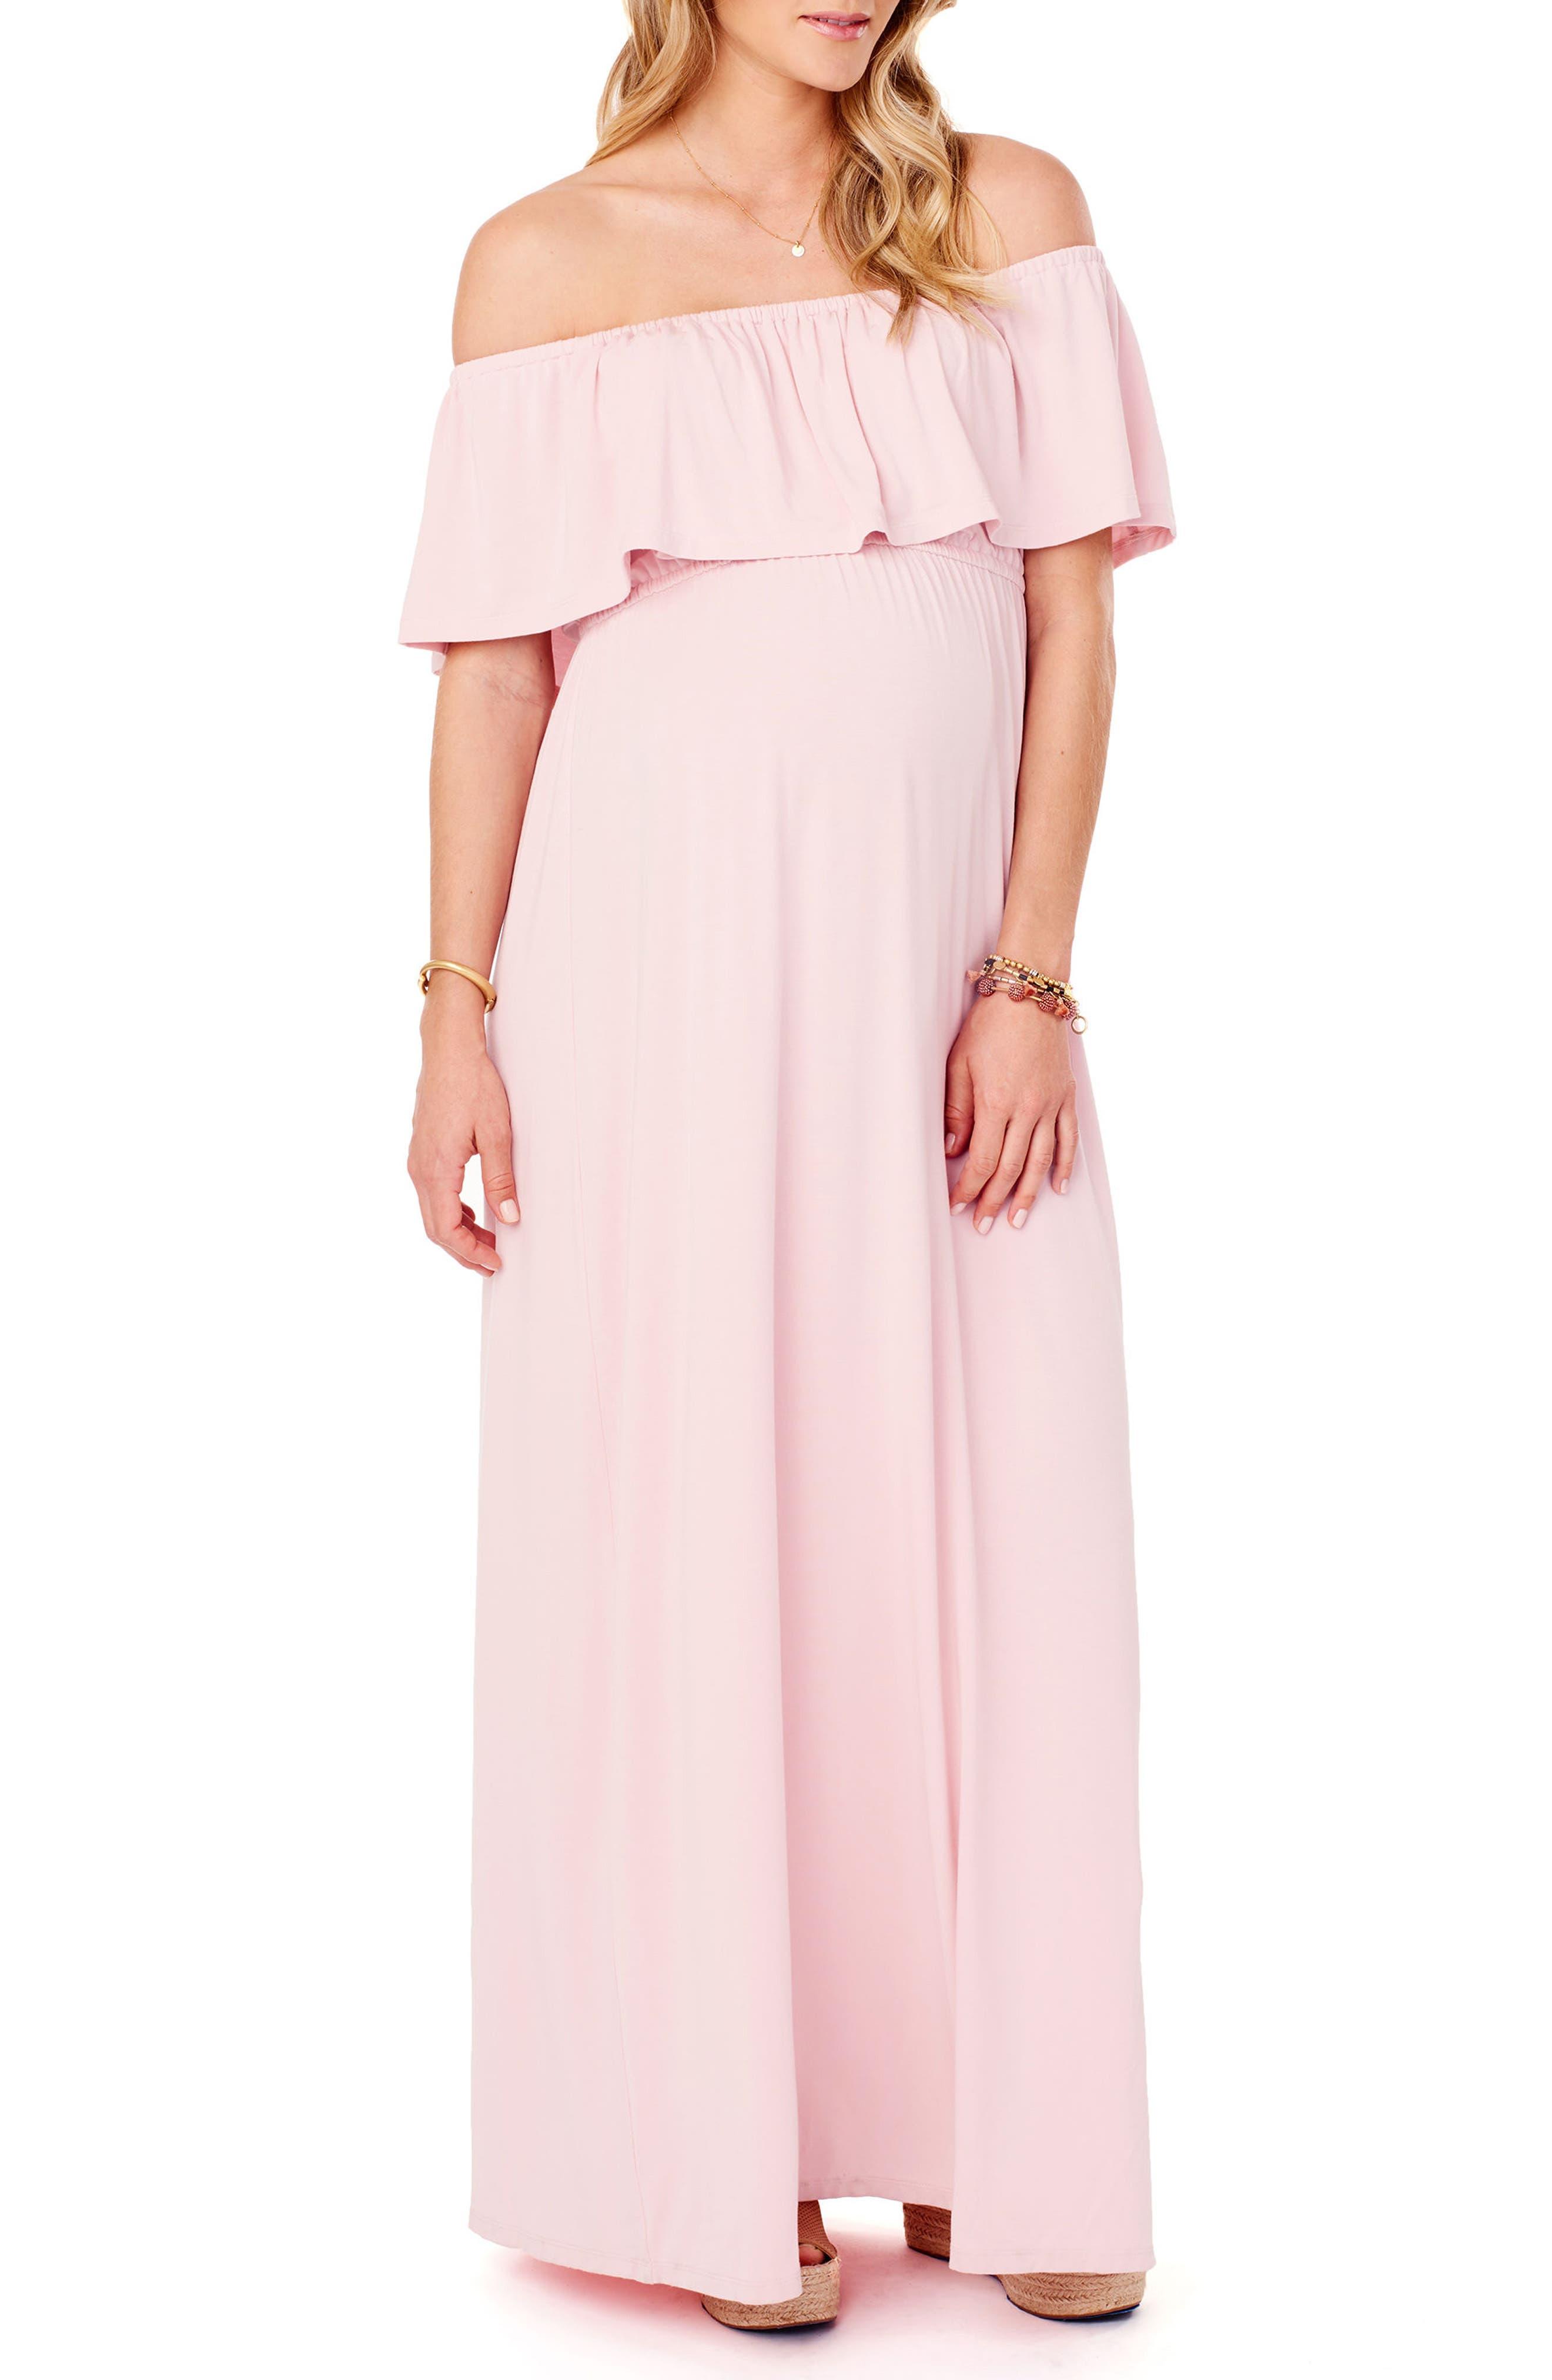 Ingrid & Isabel Off The Shoulder Maternity Maxi Dress, Pink